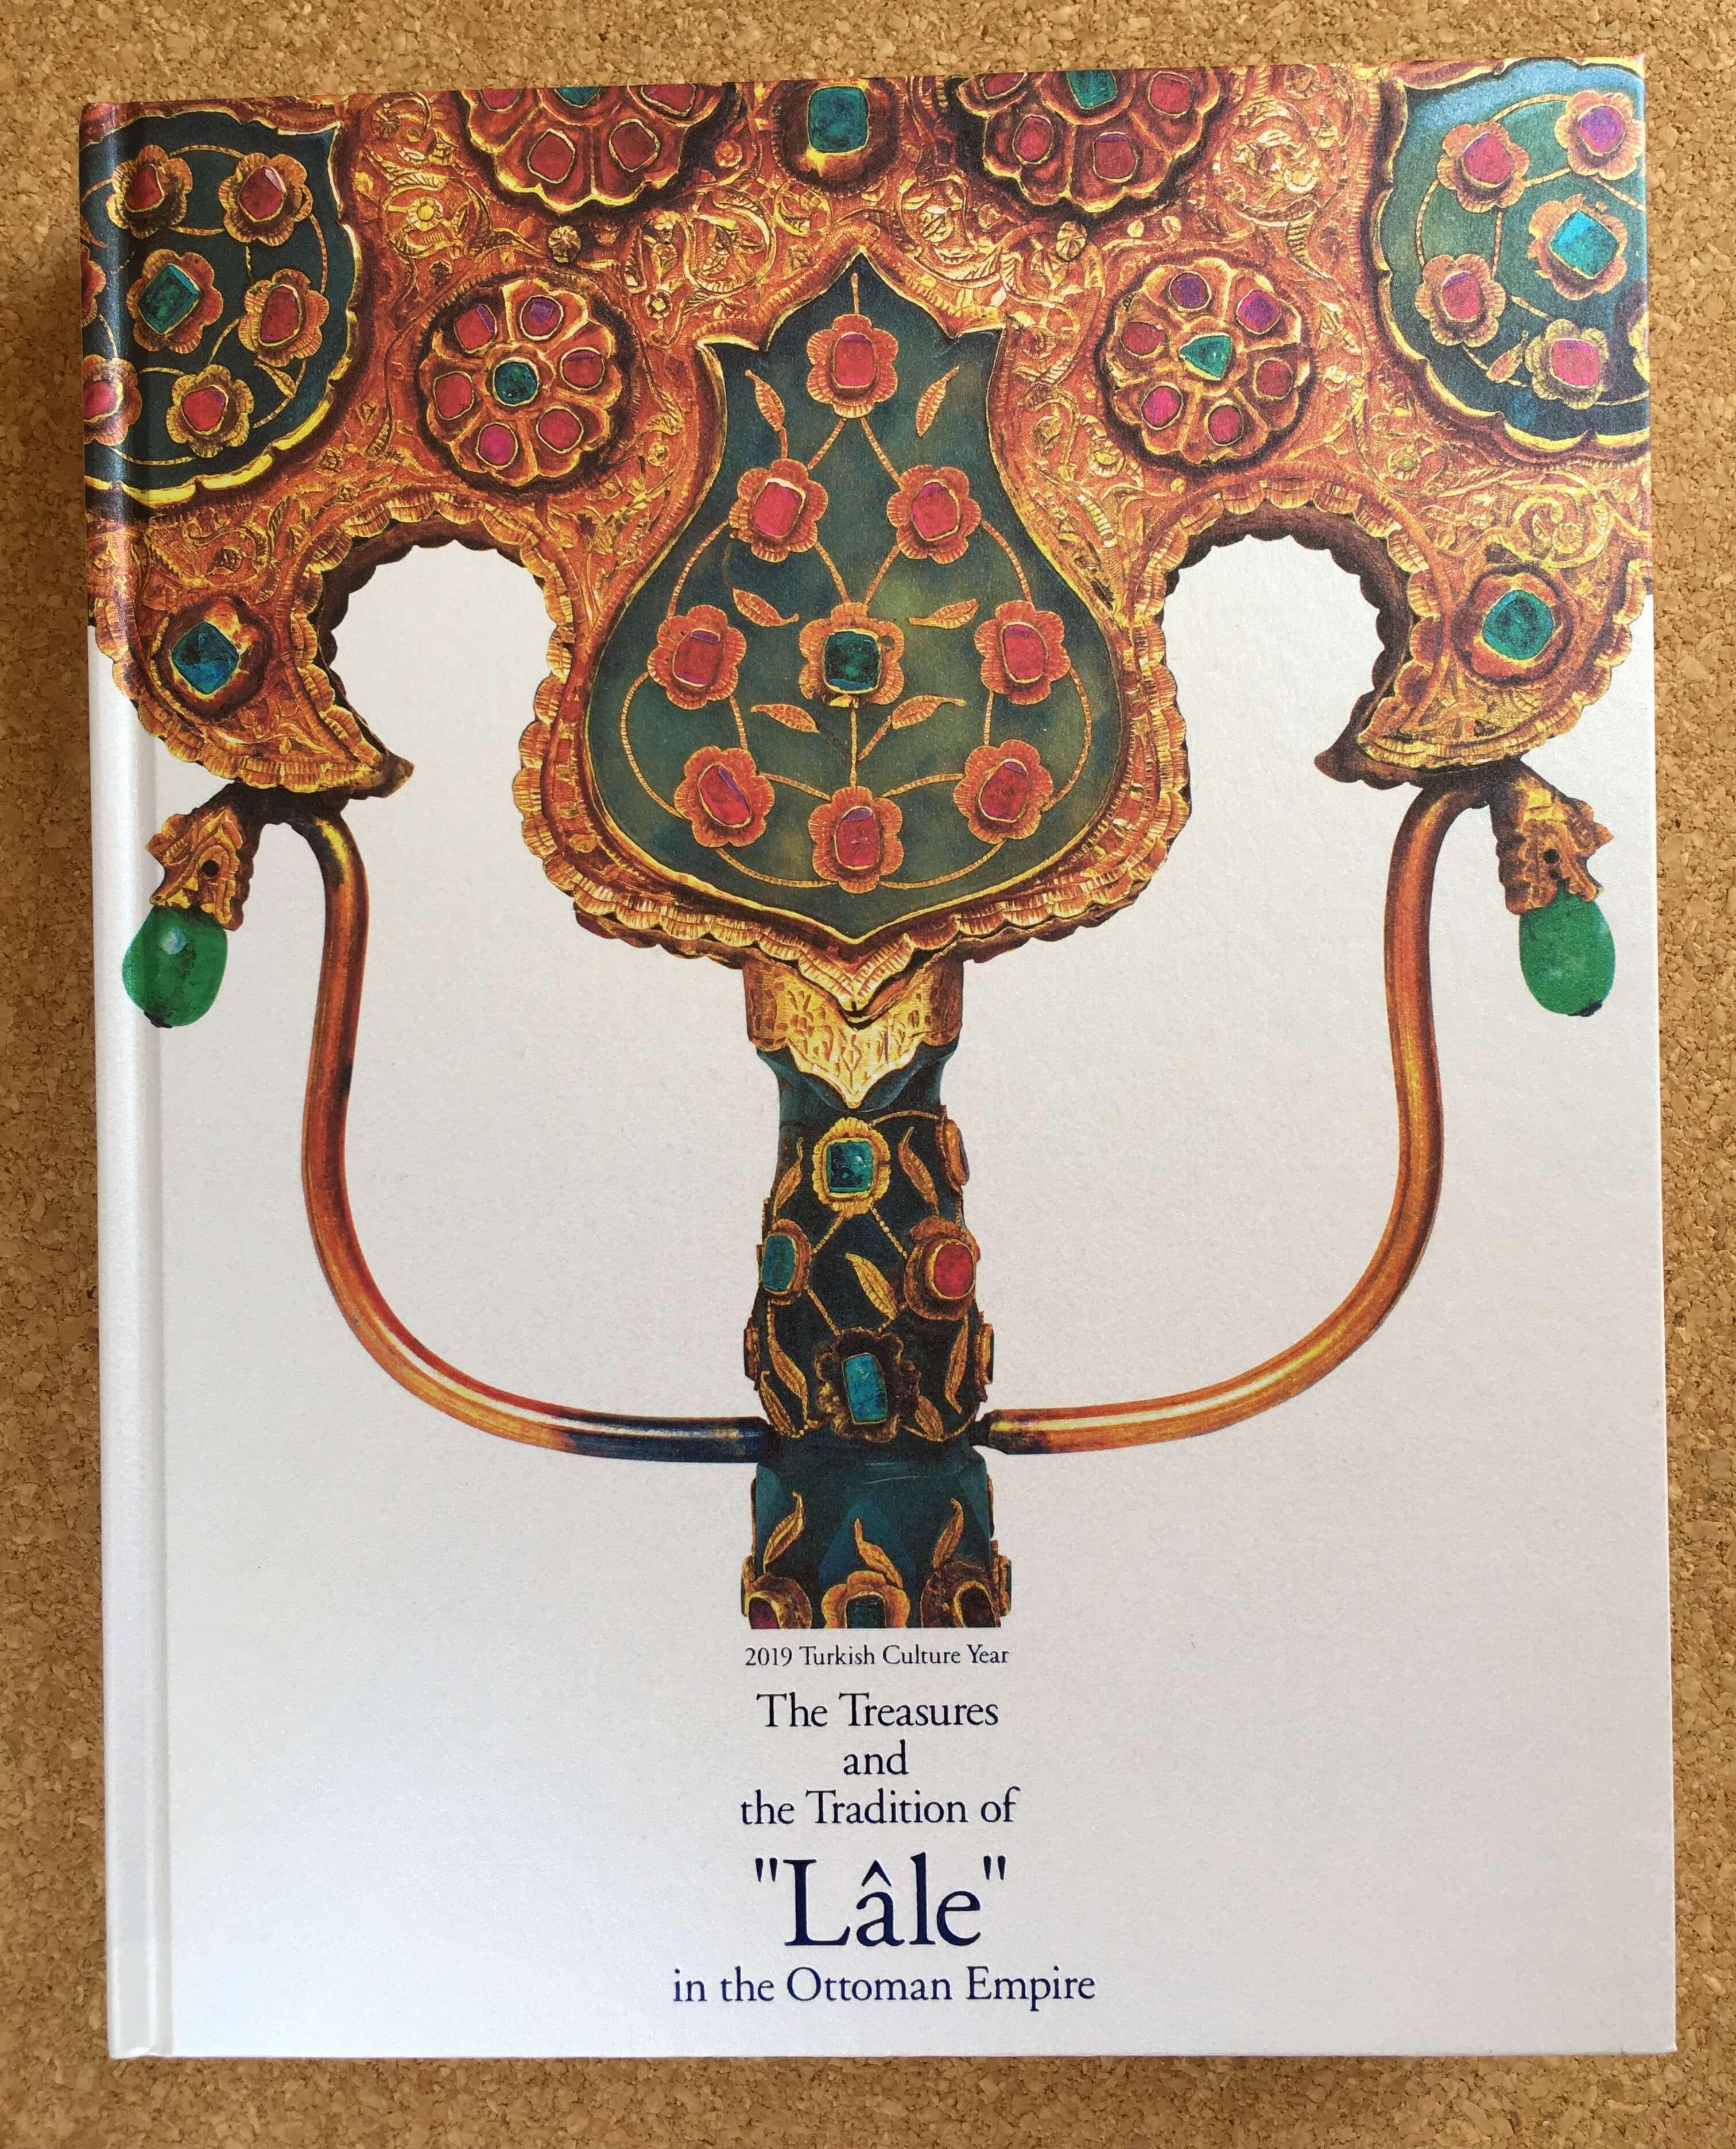 トルコ至宝展の図録